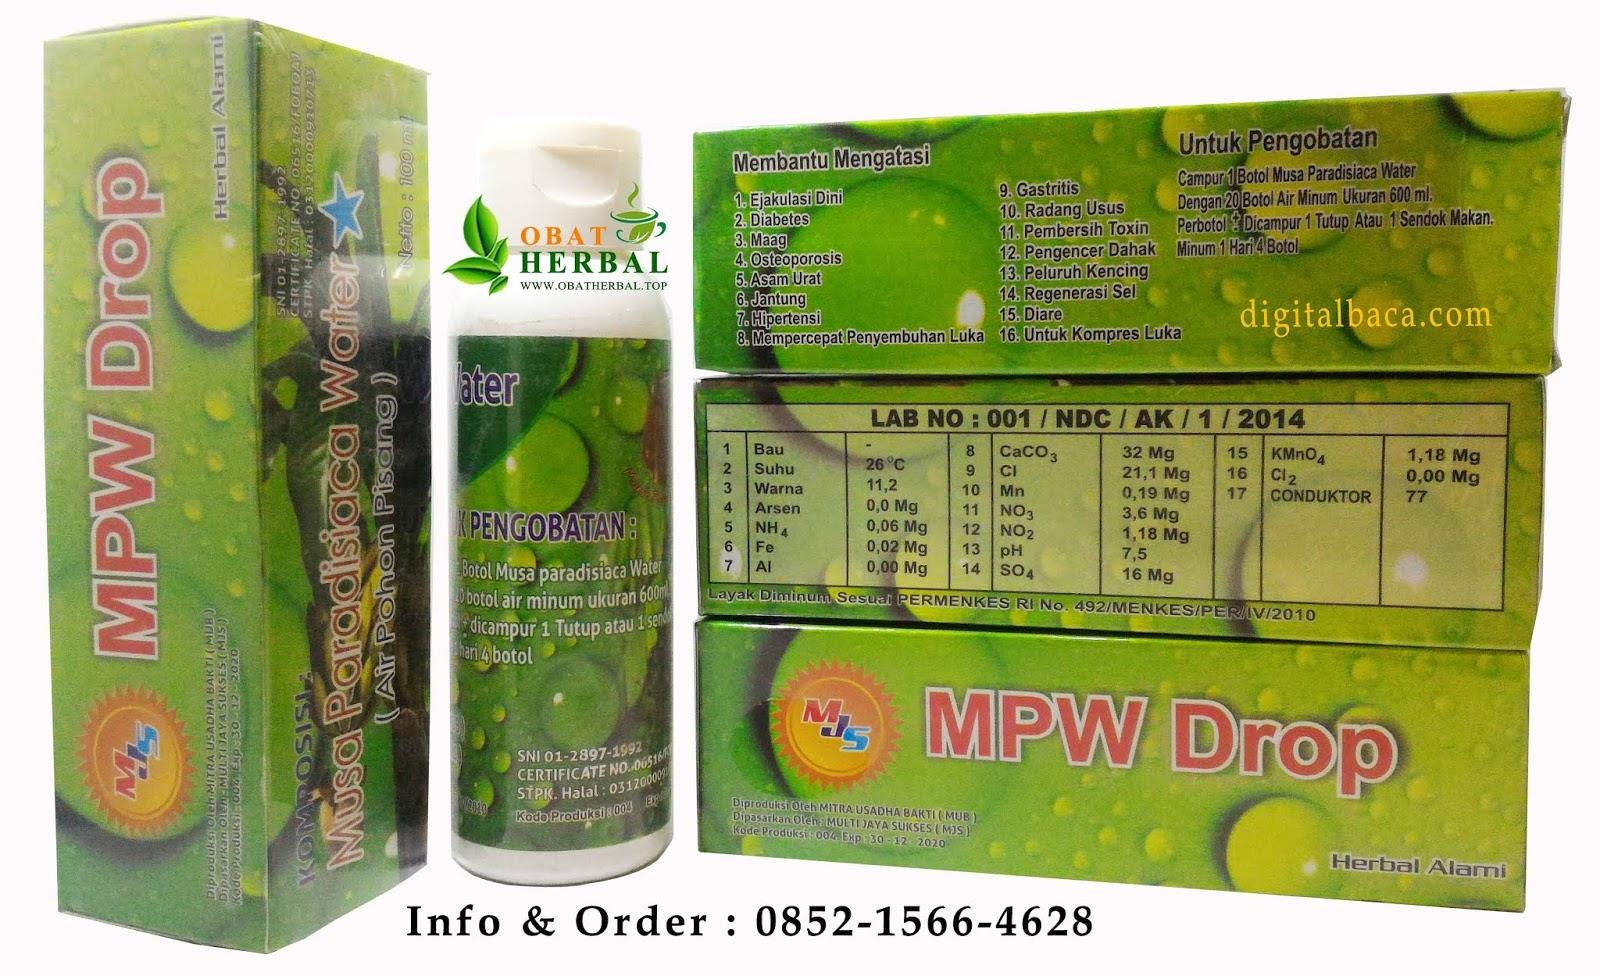 MPW DROP Herbal Tradisional Air Pohon Pisang